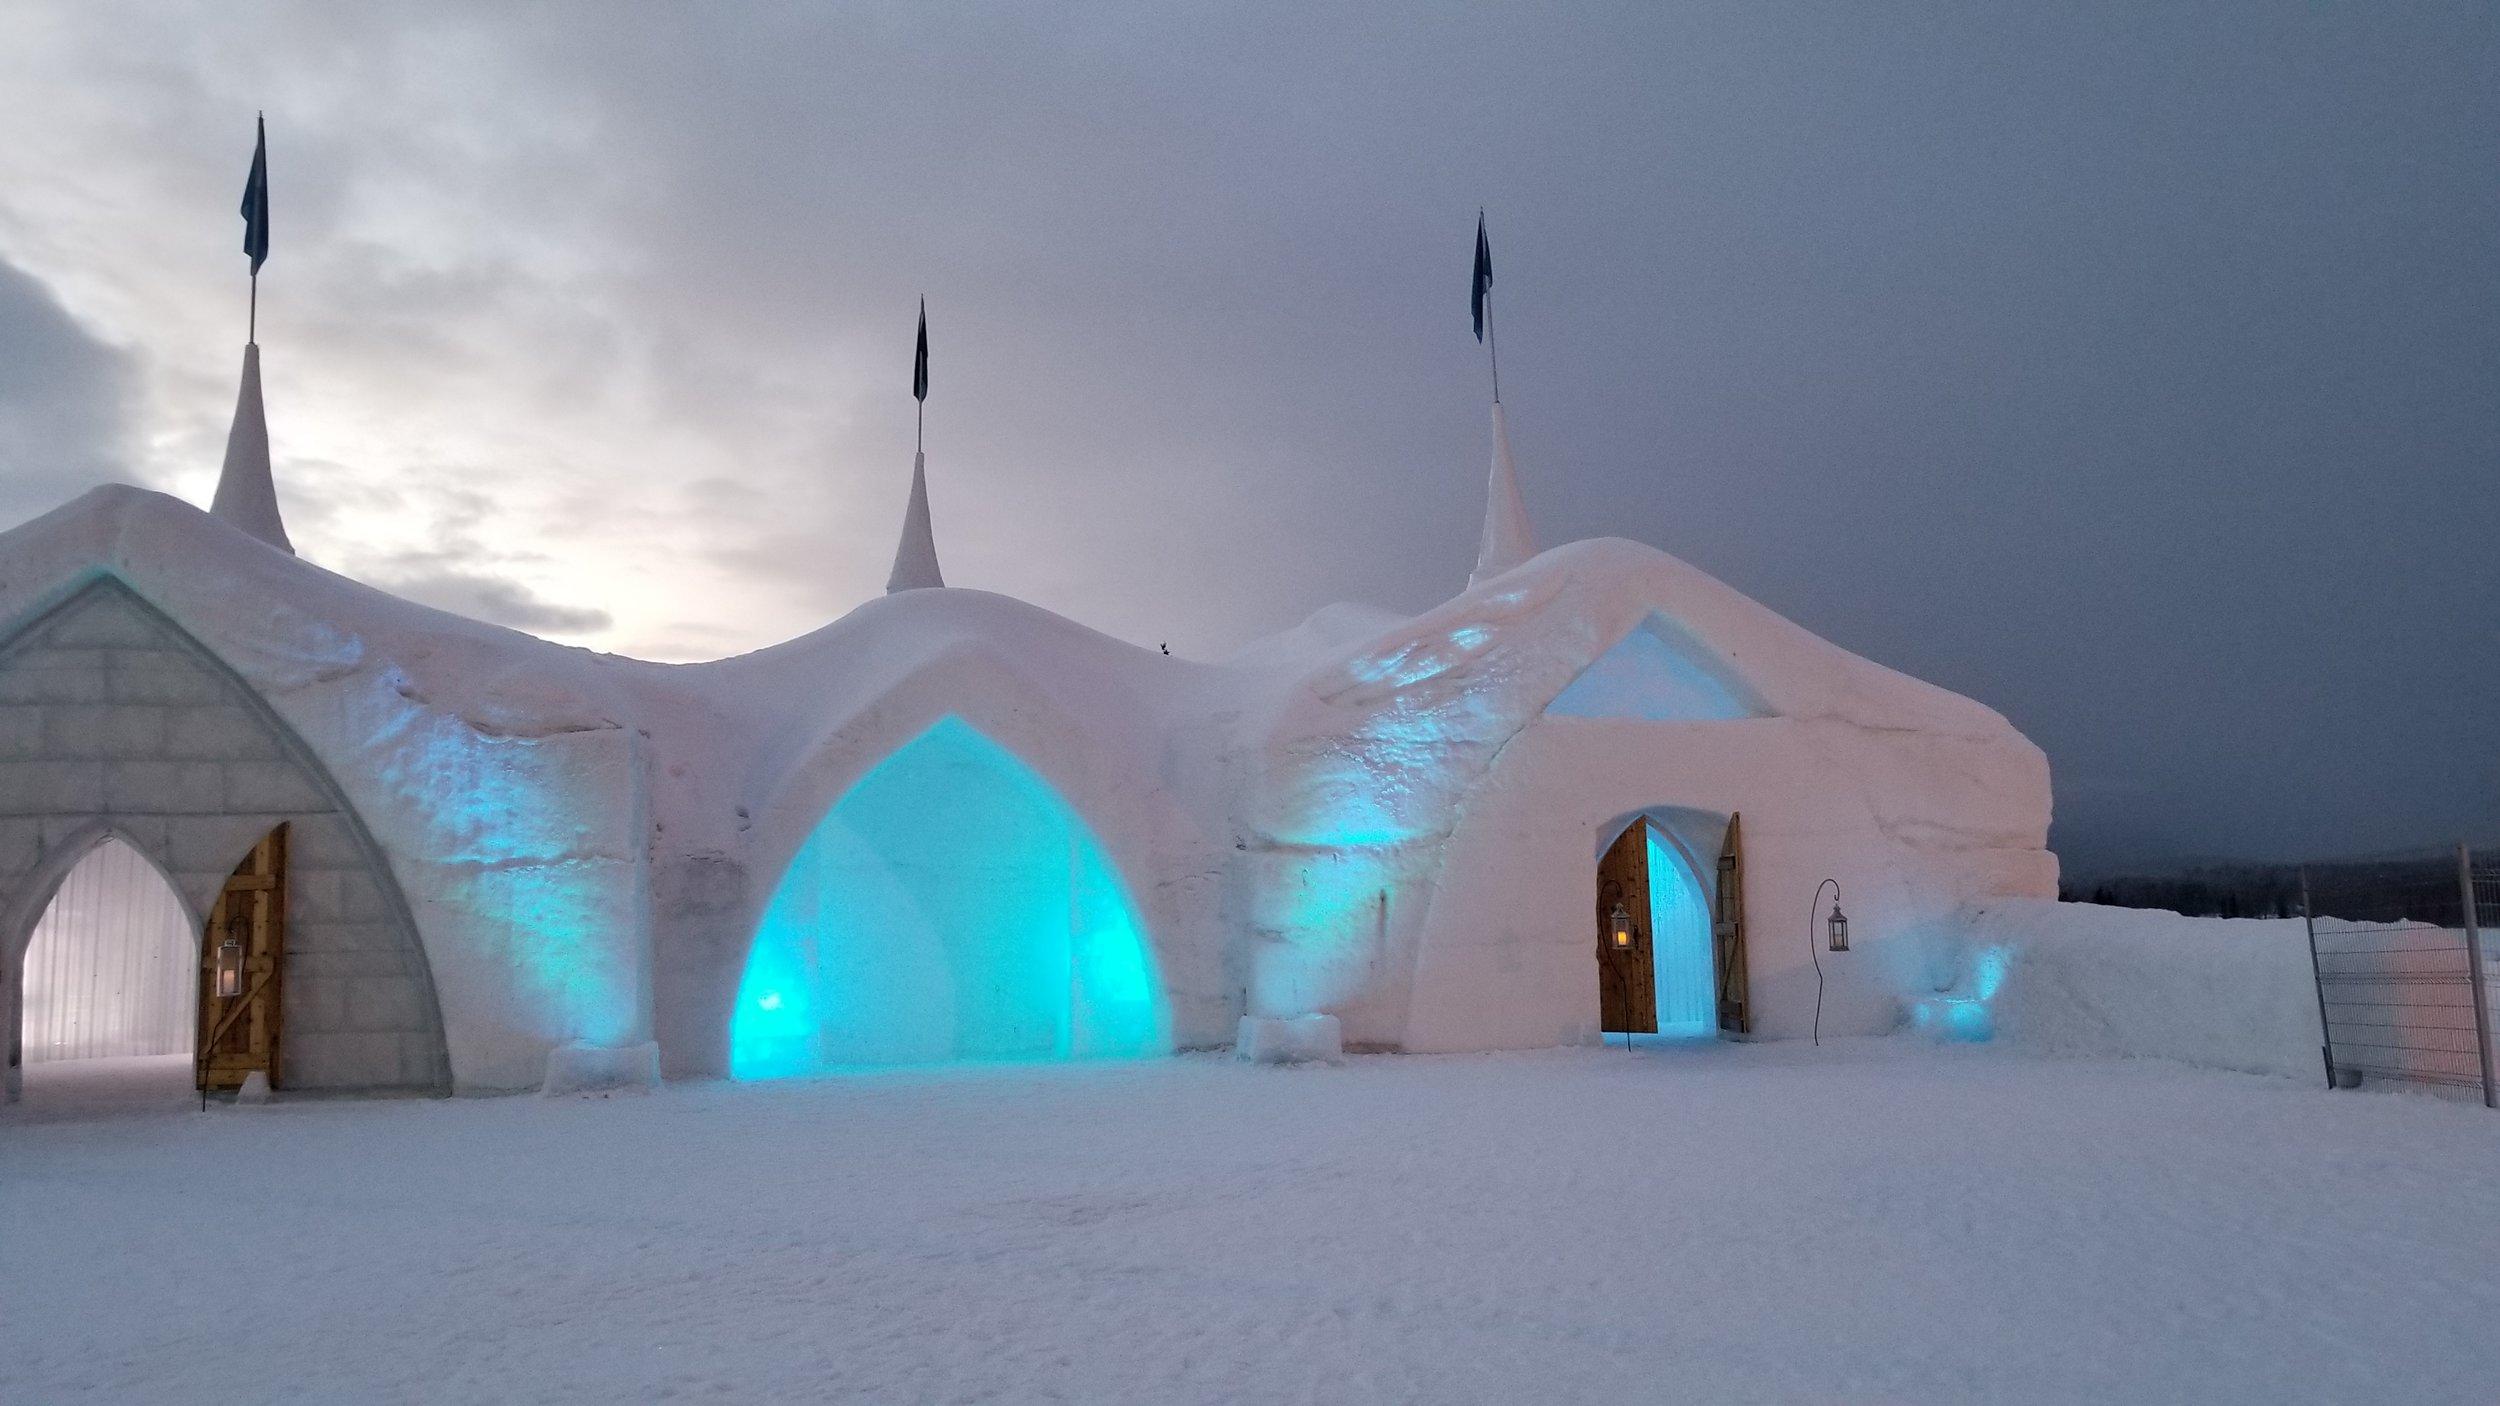 13 ice castle outside.jpg